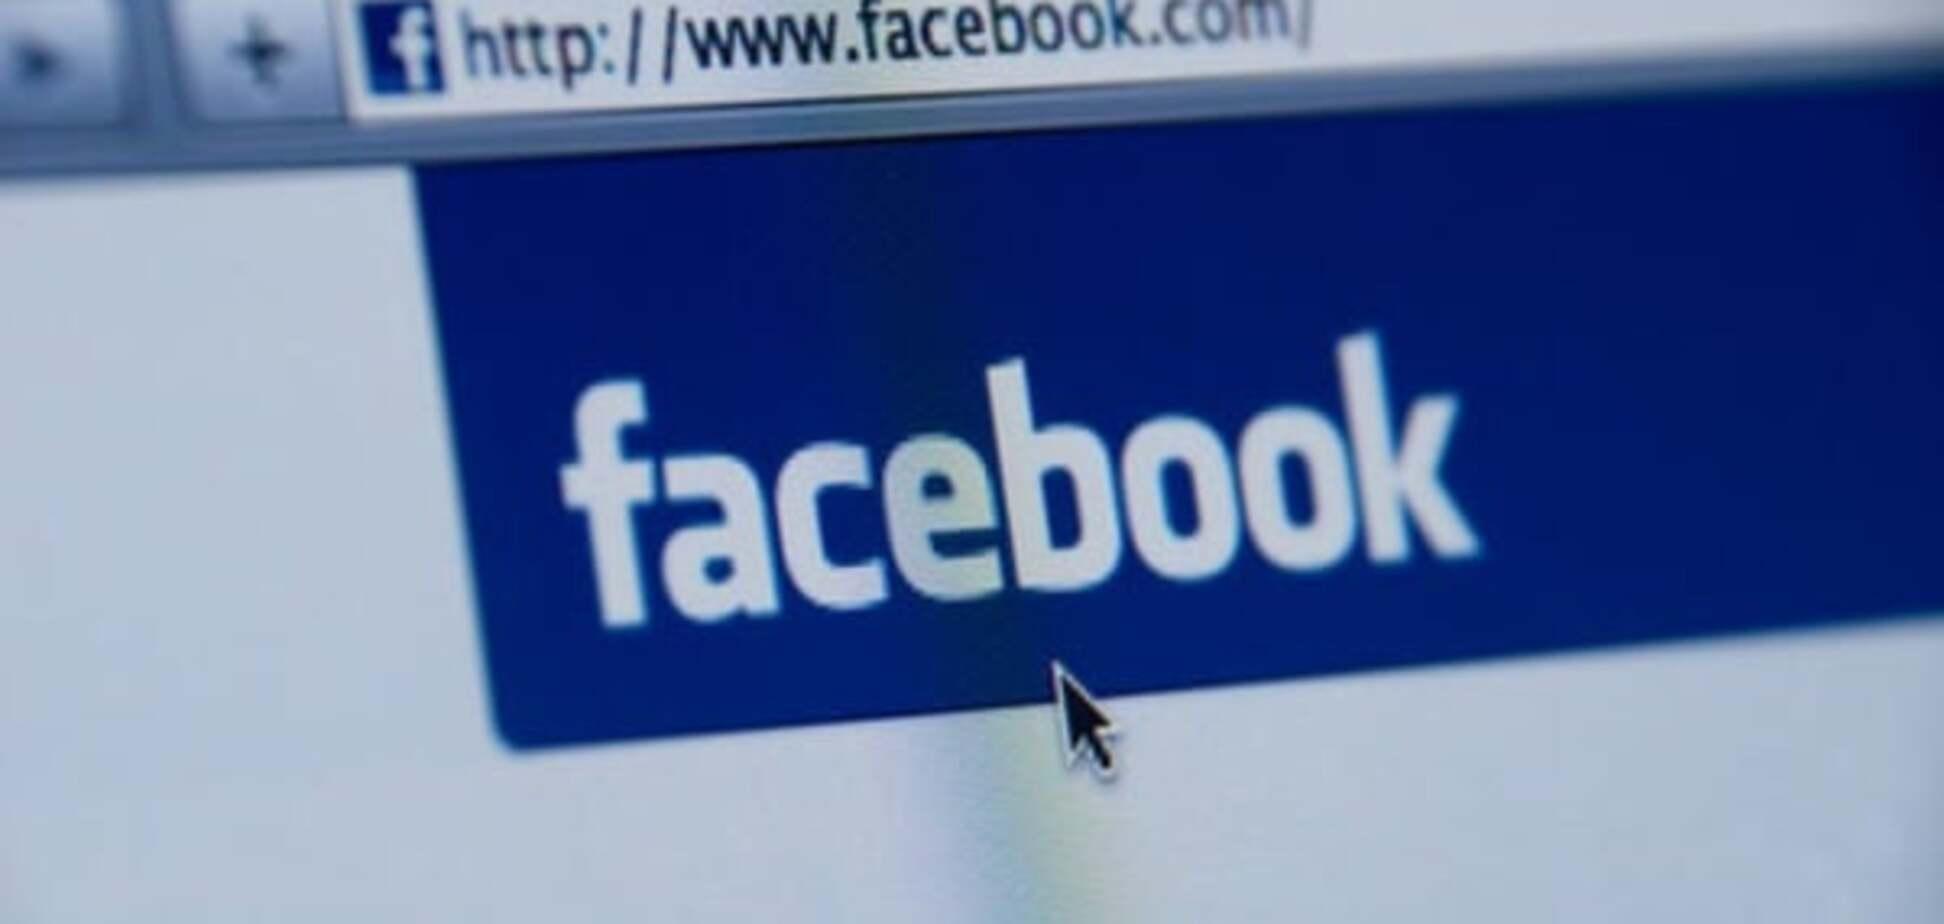 Отвод за дружбу в Facebook? Суд в Украине принял интересное решение